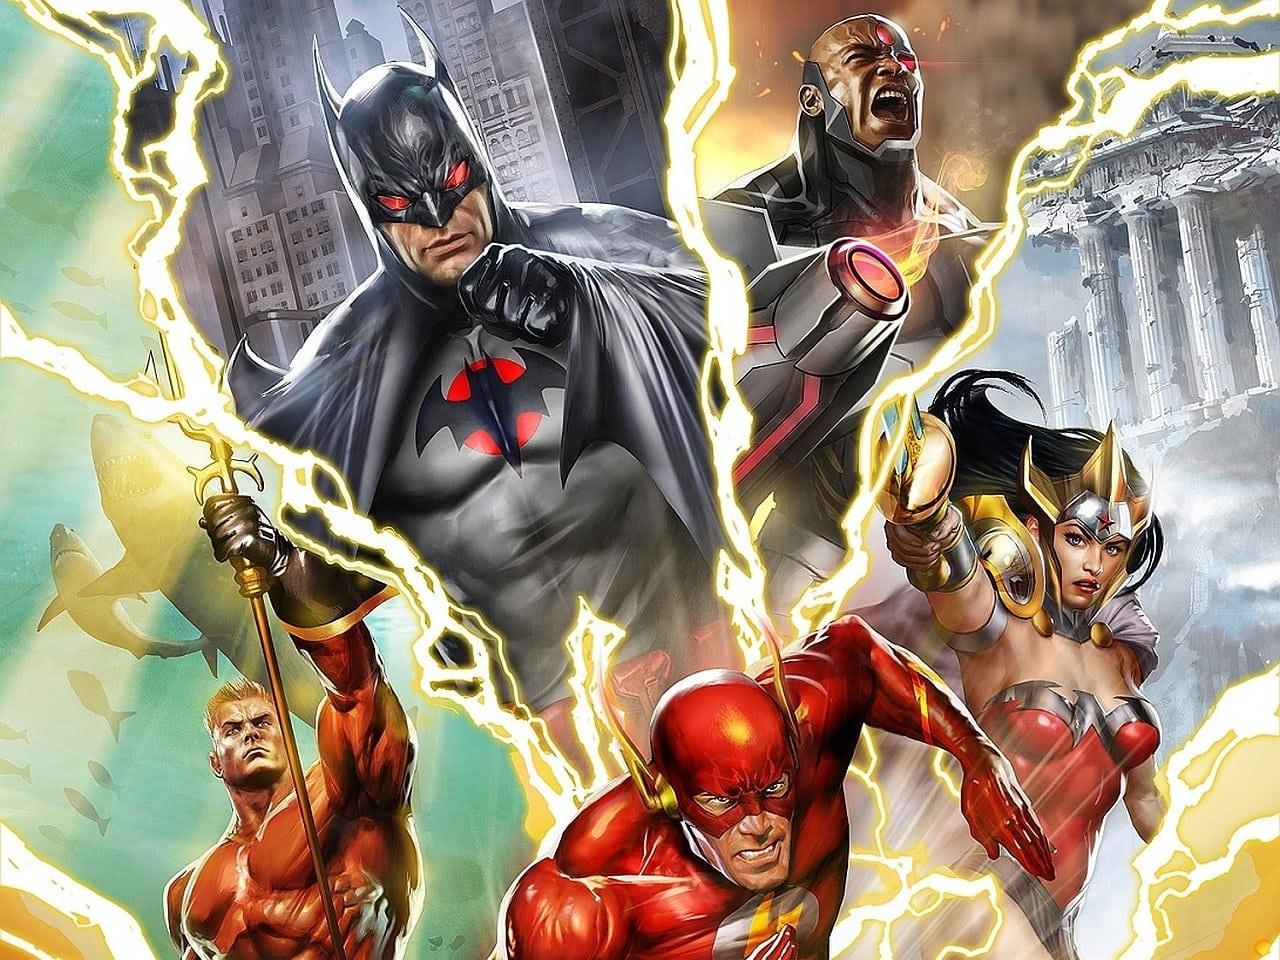 La Liga de la Justicia - Flashpoint Paradox